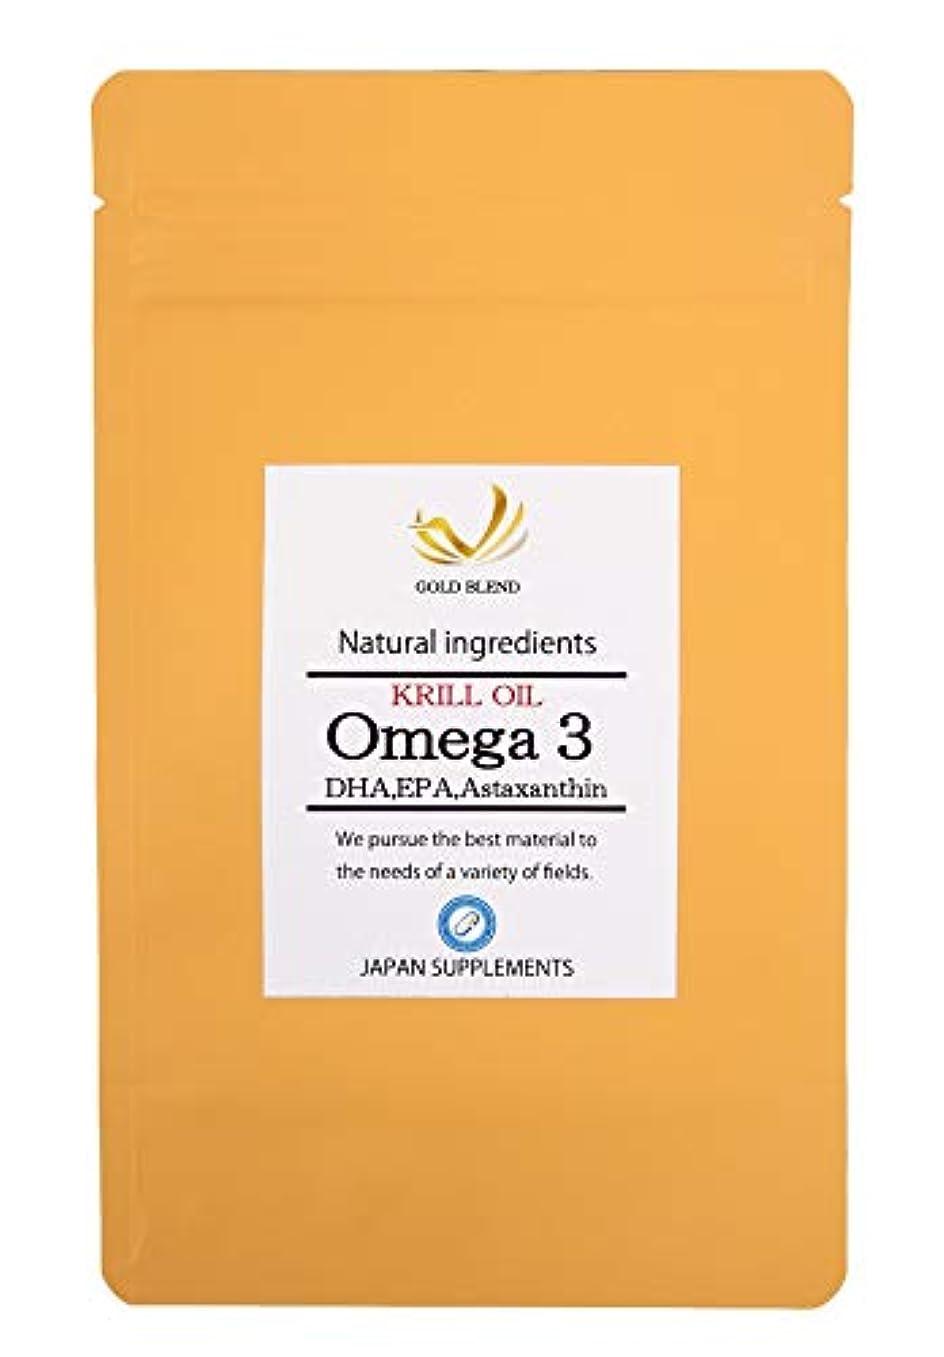 振るう適用済み請求可能KRILL OIL Omega3 DHA EPA アスタキサンチン含有クリルオイル 60粒